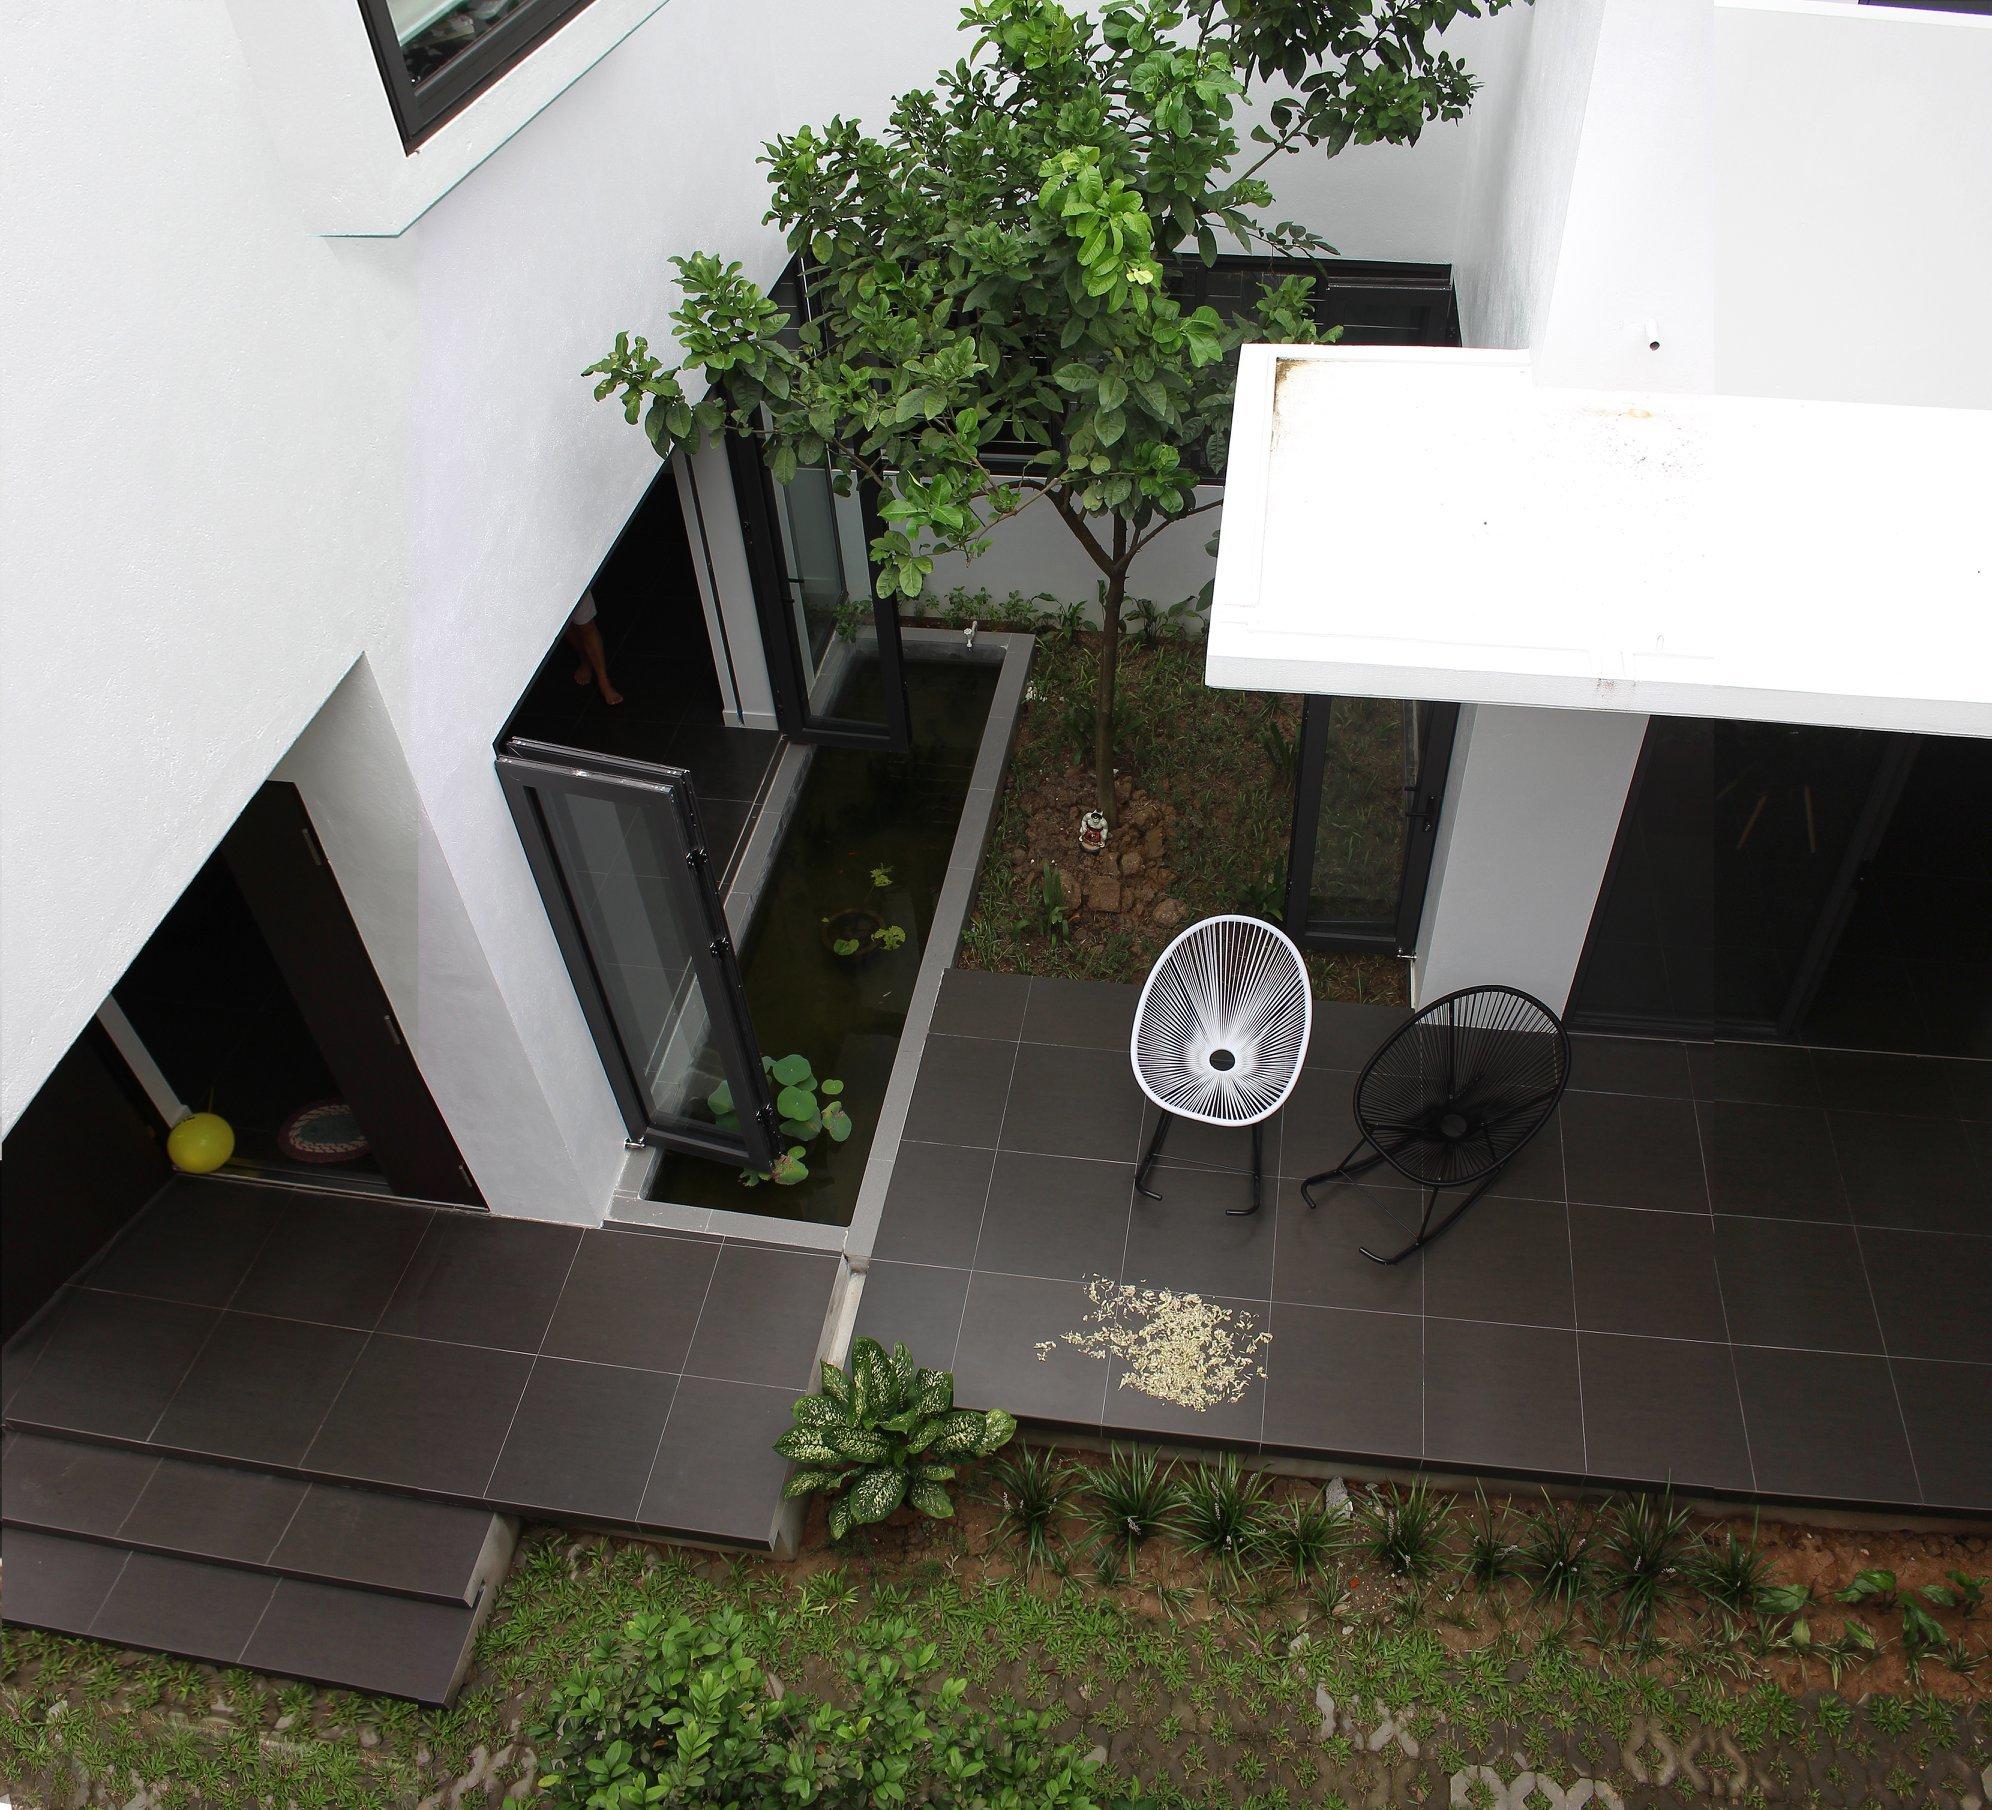 Ngẩn ngơ trước khu vườn bí mật trong ngôi nhà màu trắng ở Hải Phòng-8